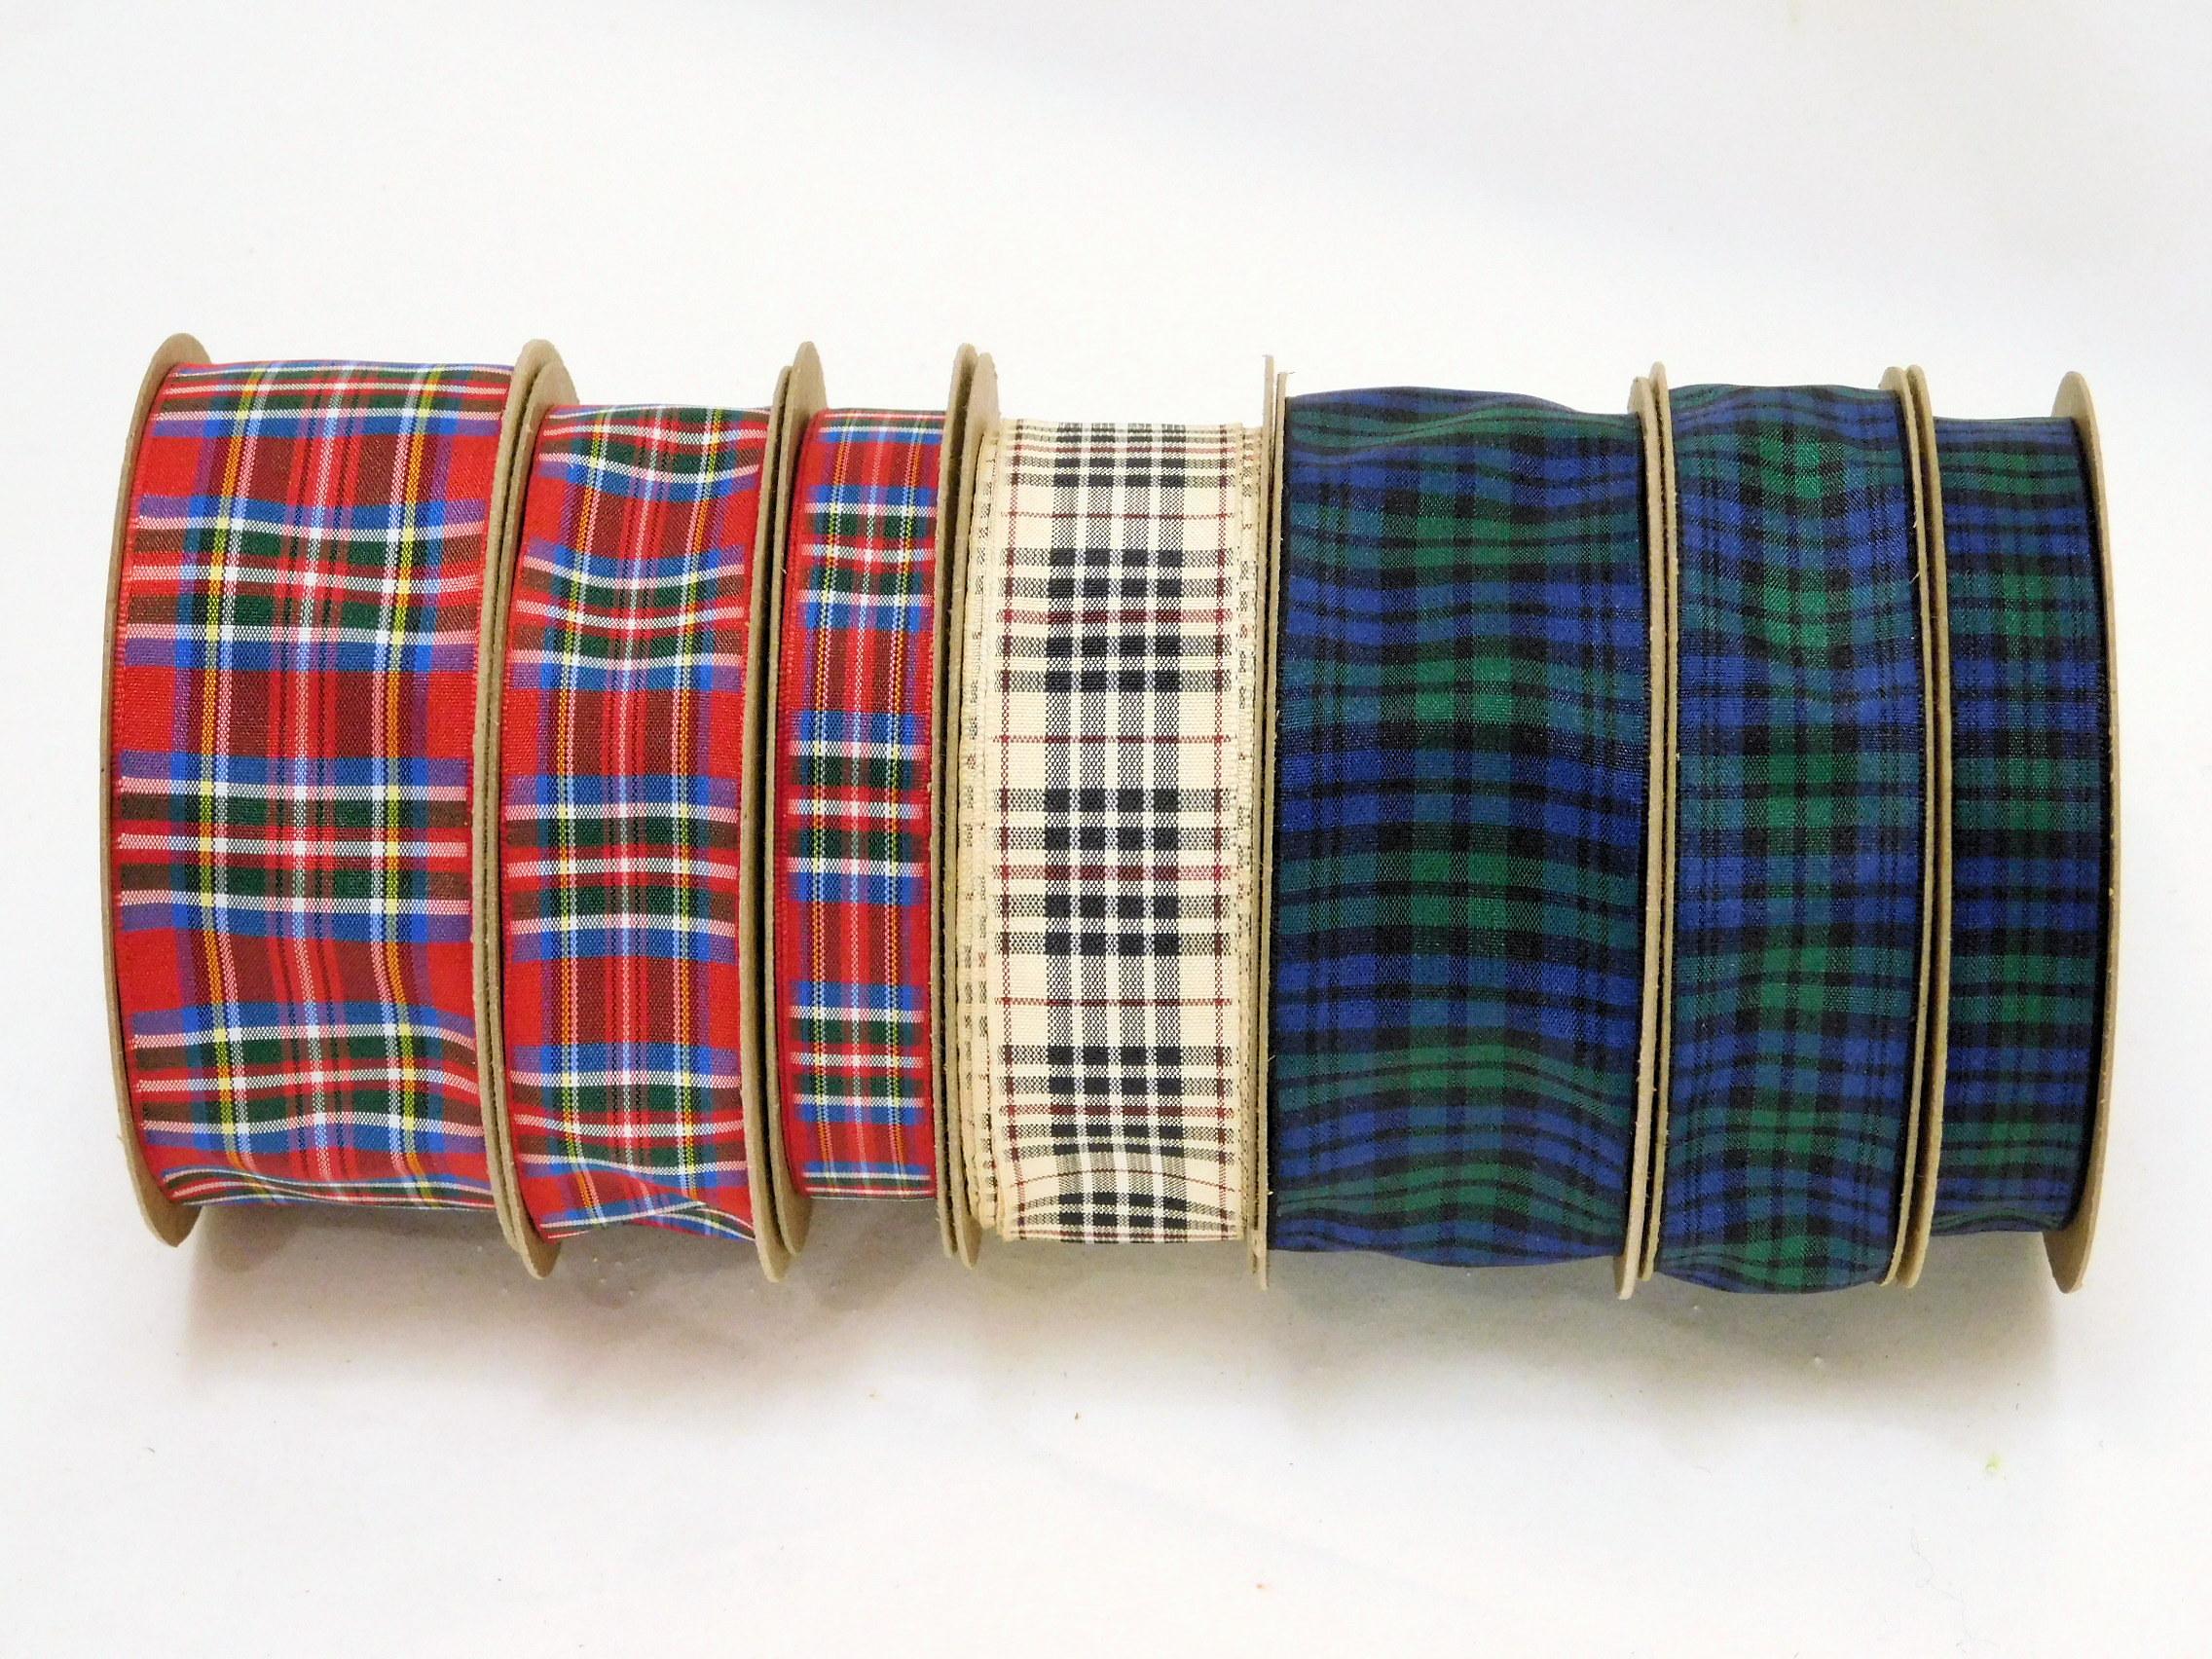 DSCN1847 Plaid Tartan ribbons.jpg